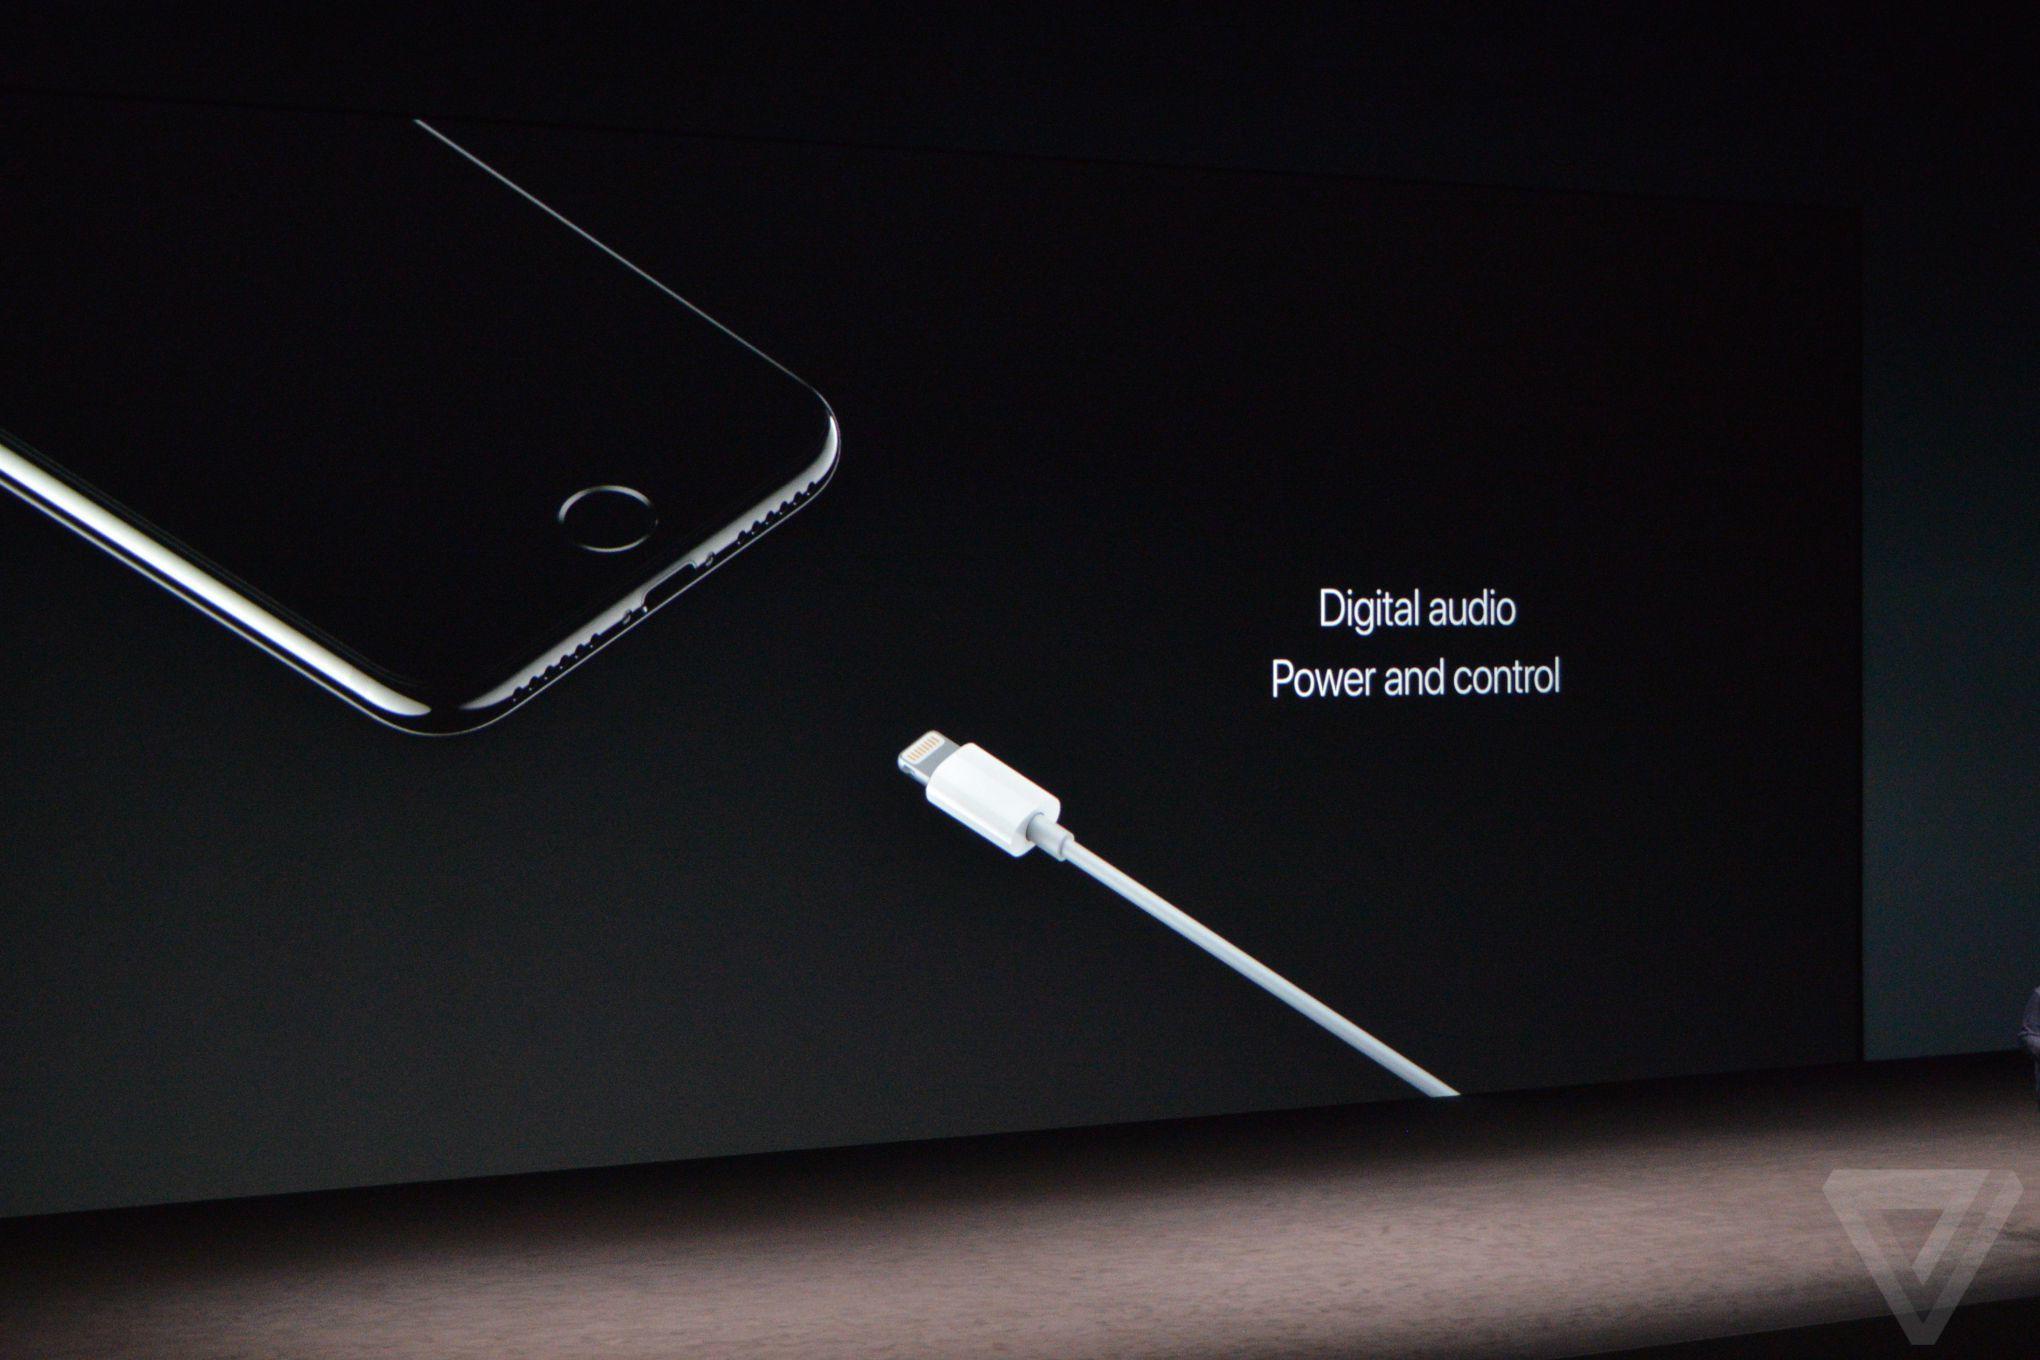 جک  ۳٫۵ میلیمتری از اپل حذف شد